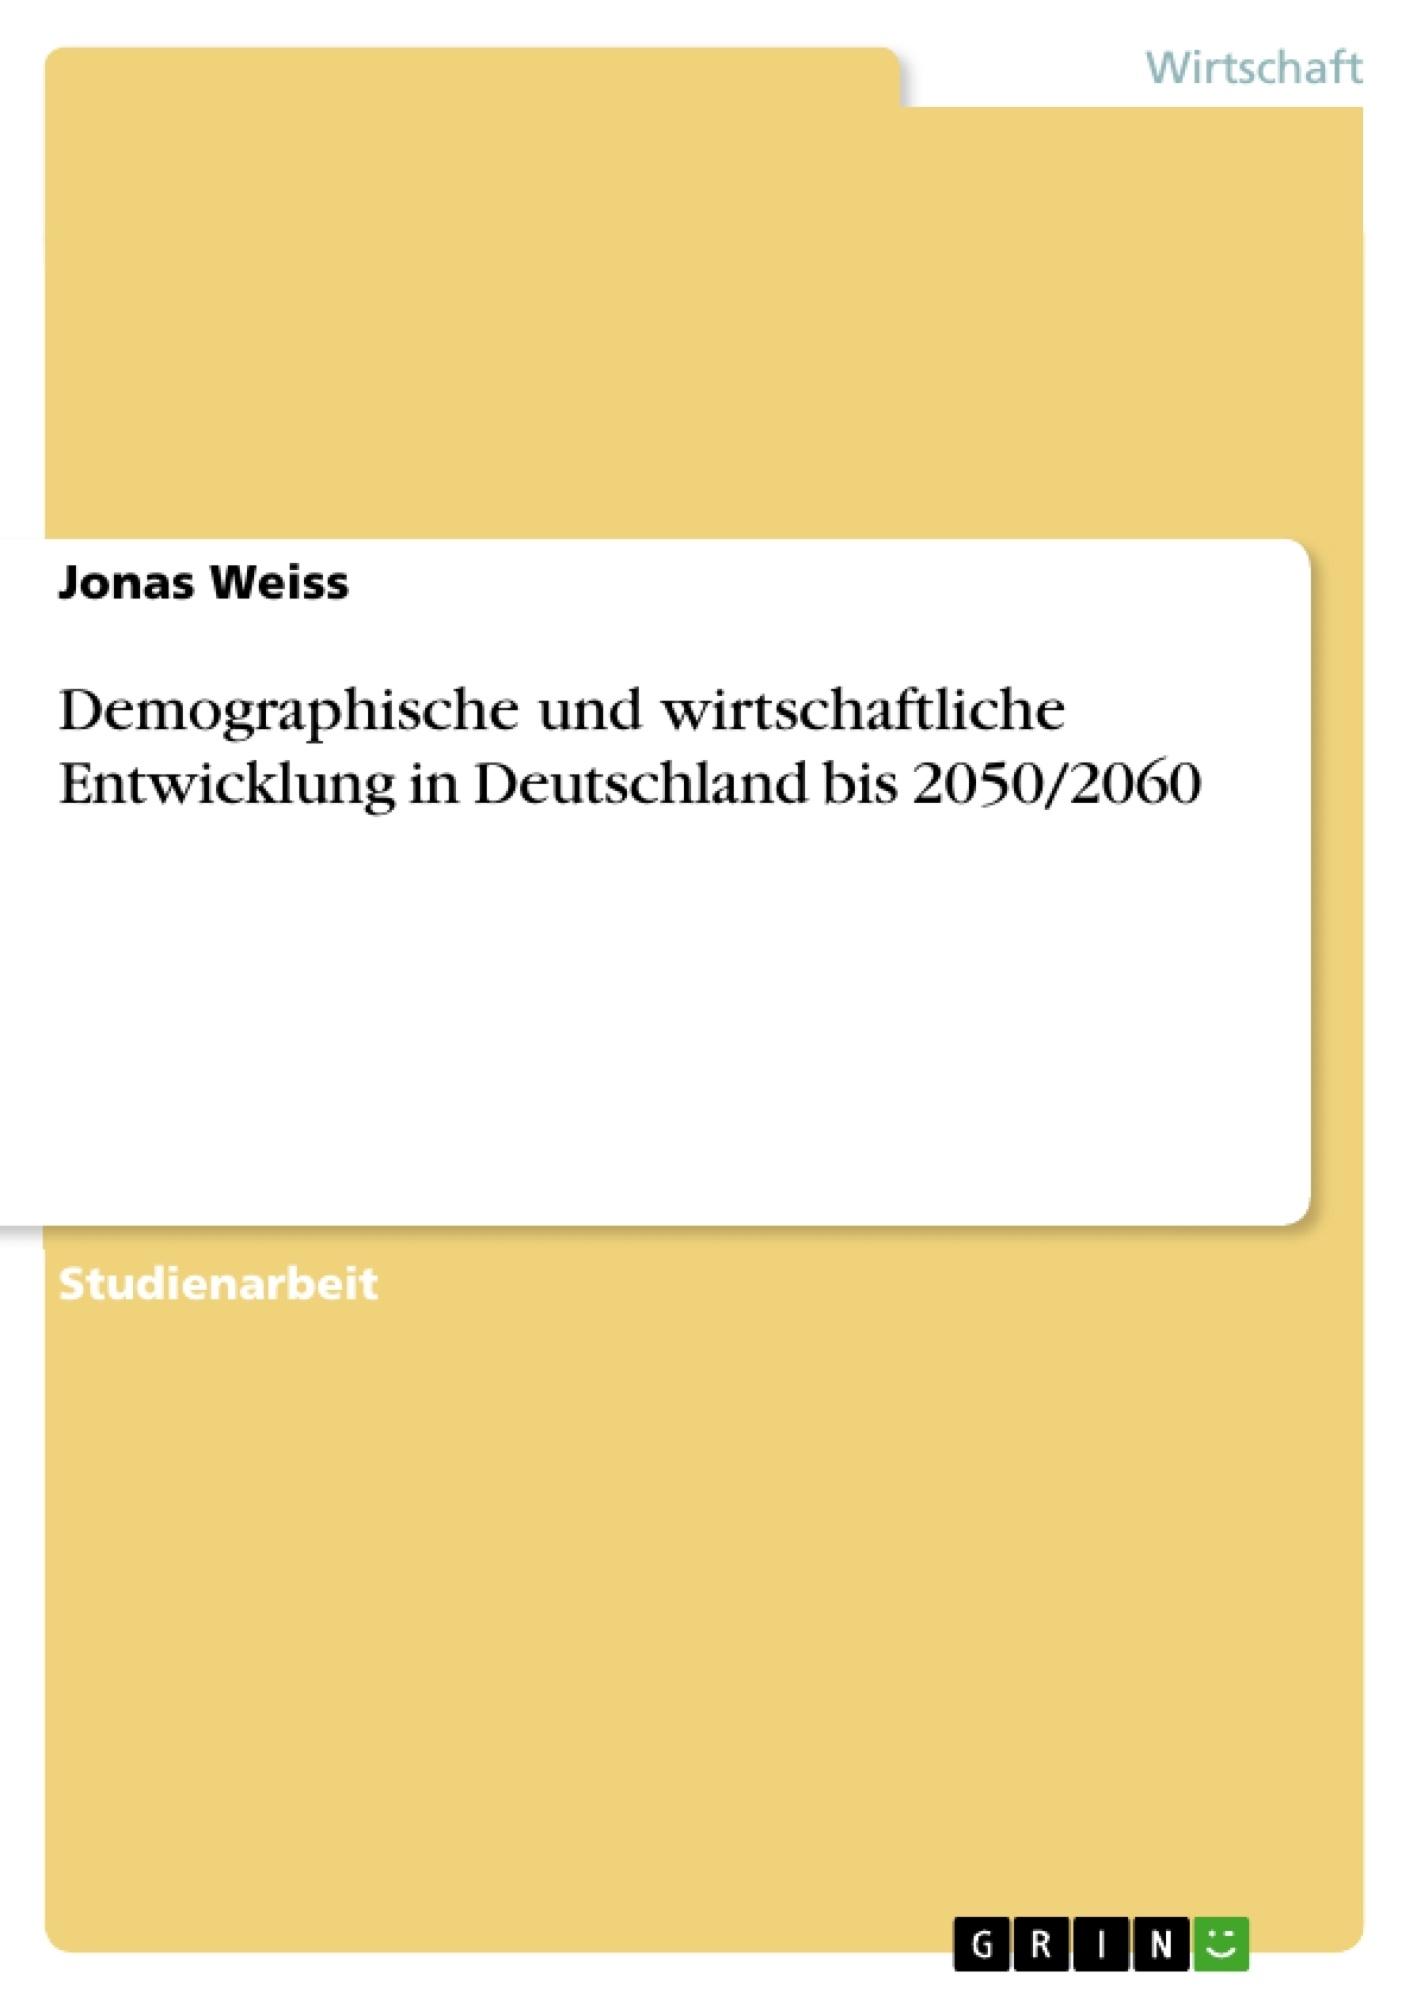 Titel: Demographische und wirtschaftliche Entwicklung in Deutschland bis 2050/2060